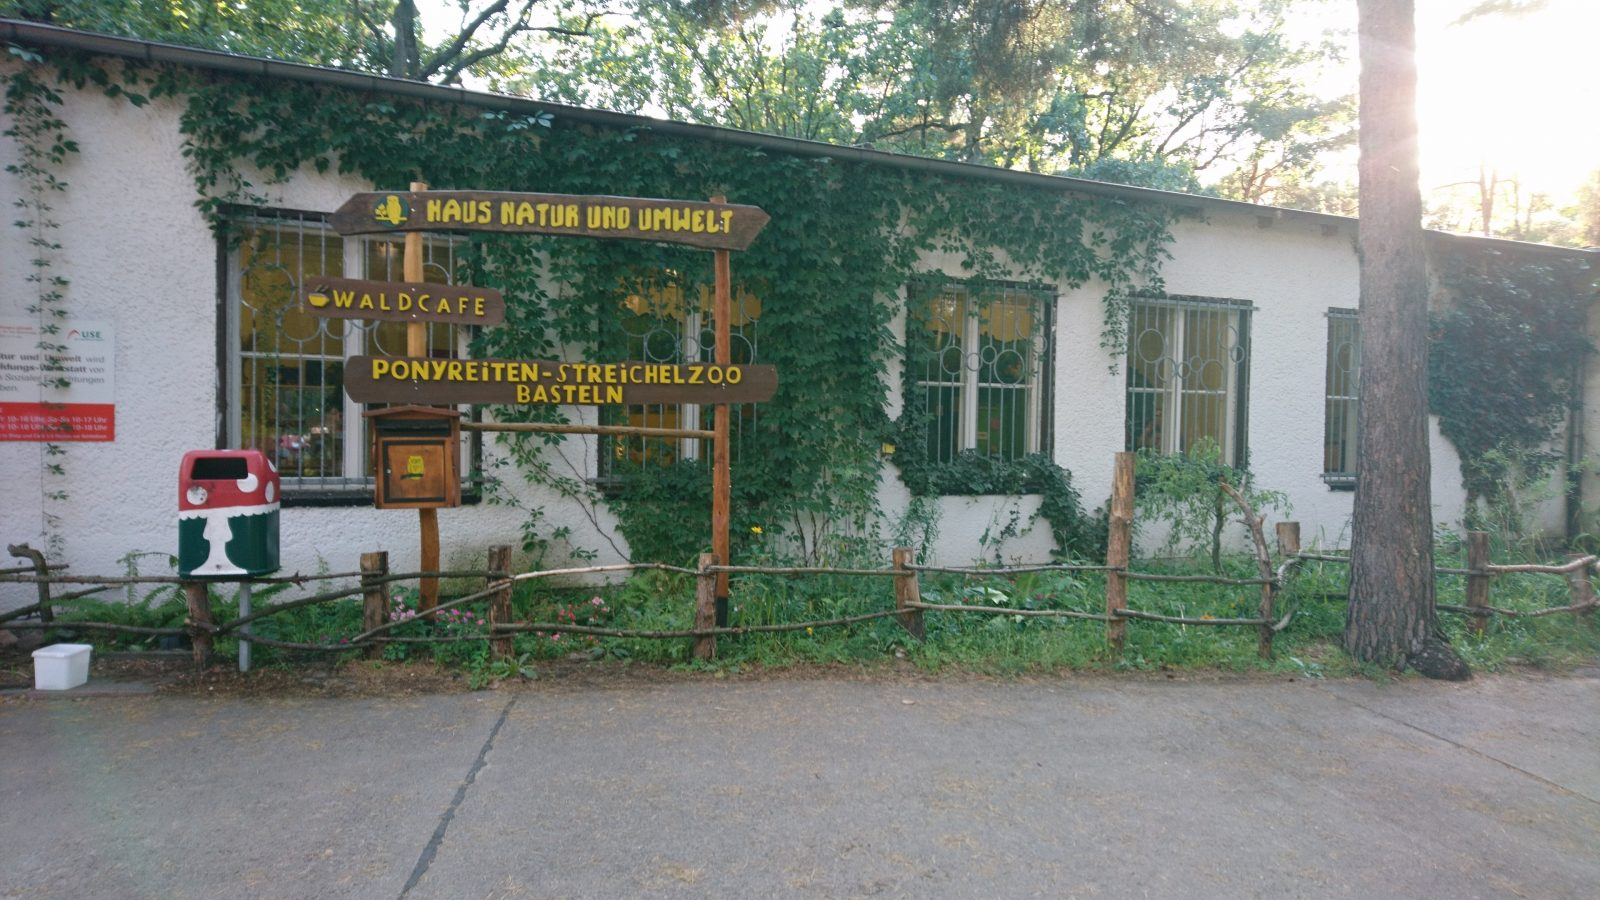 Haus Natur und Umwelt